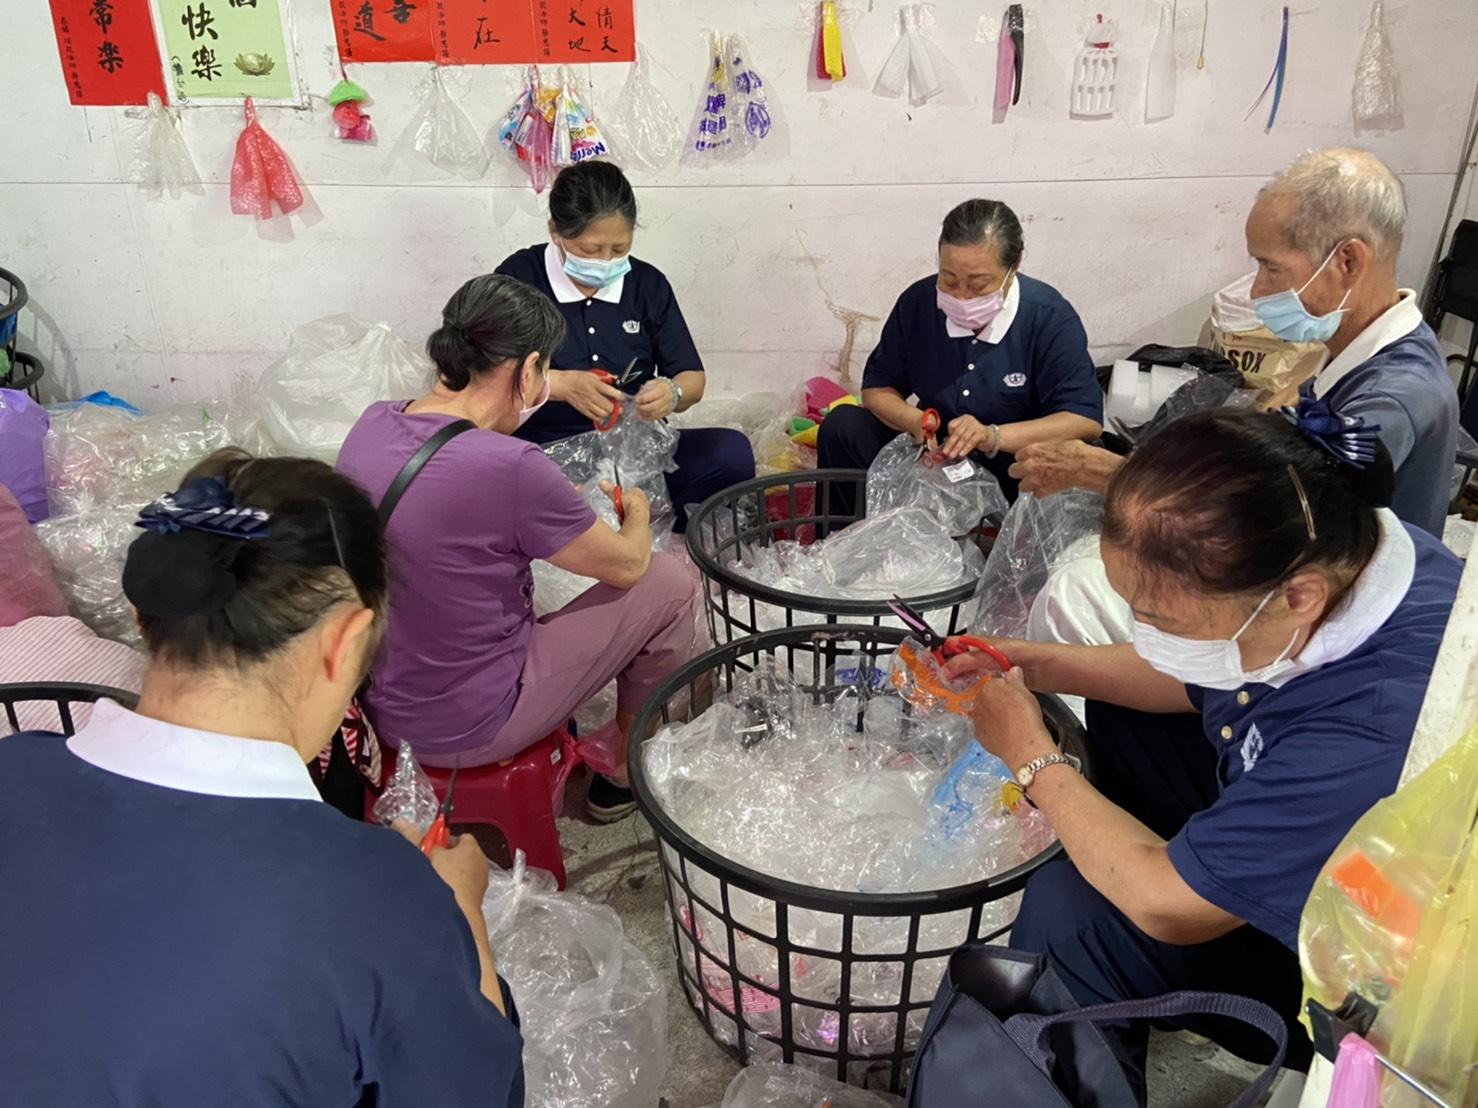 環保志工們每天一早就齊聚在塑膠袋回收站,開始進行分類和回收的工作。(慈濟基金會)